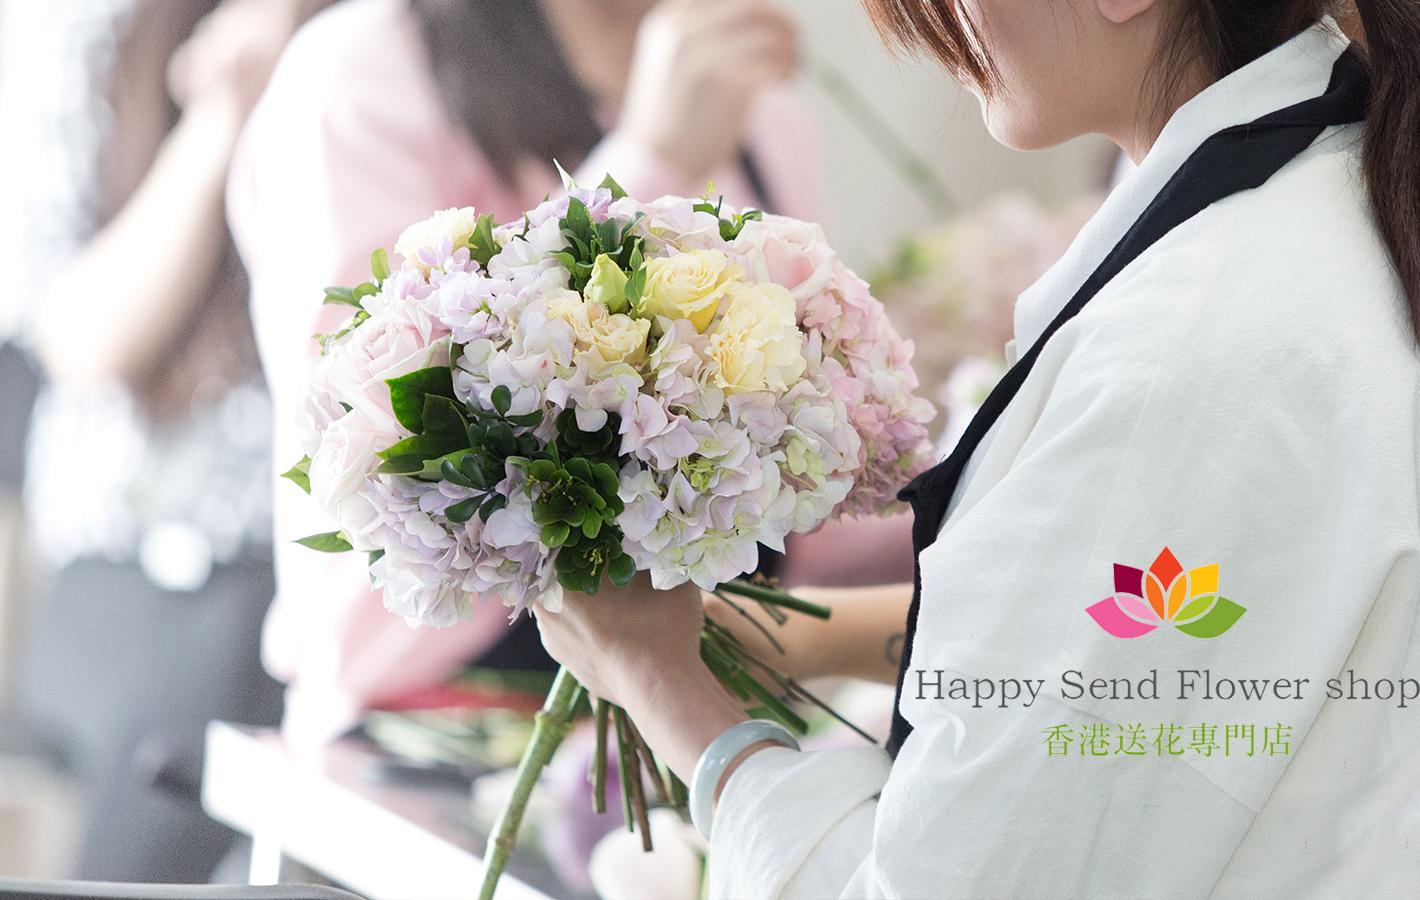 情人節,生日禮,畢業季,母親節,謝師宴花束,求婚花束,宴會鮮花擺設